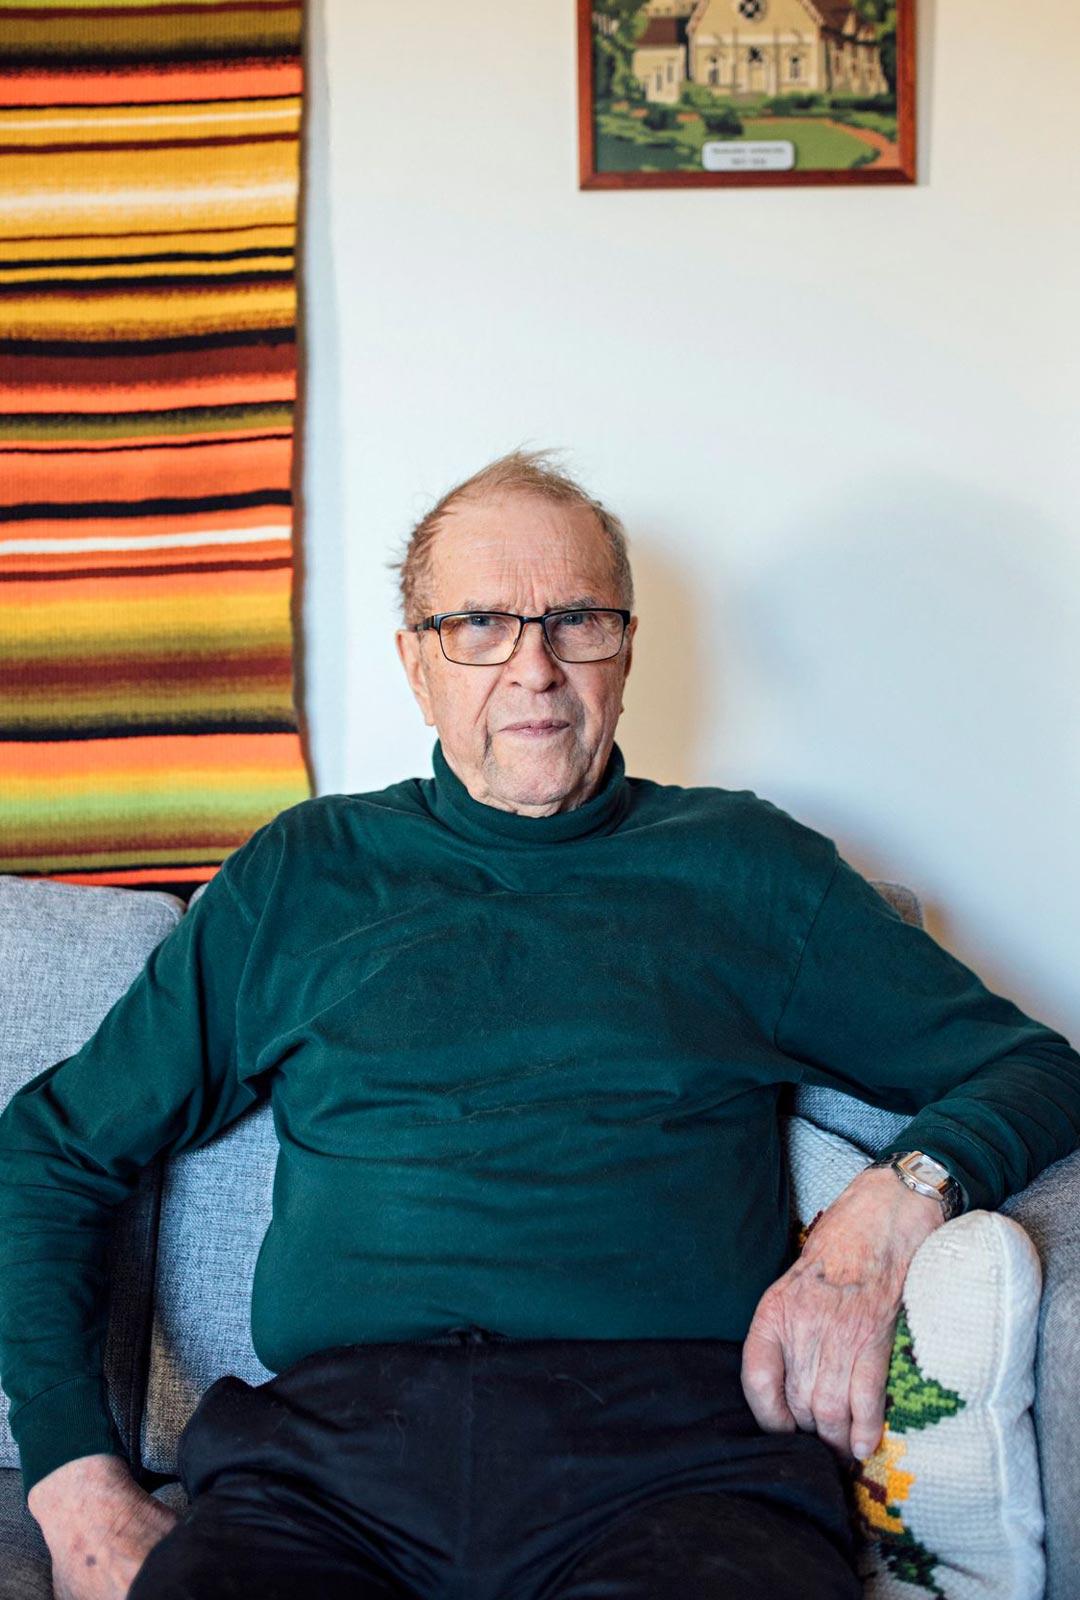 Tuusulassa asuva Pentti Ojanen puhuu yhä useita merimiesvuosinaan oppimiaan kieliä. Pohjoismaisten kielten ja englannin lisäksi hän pärjää mukavasti ainakin saksalla ja flaamin kielellä.